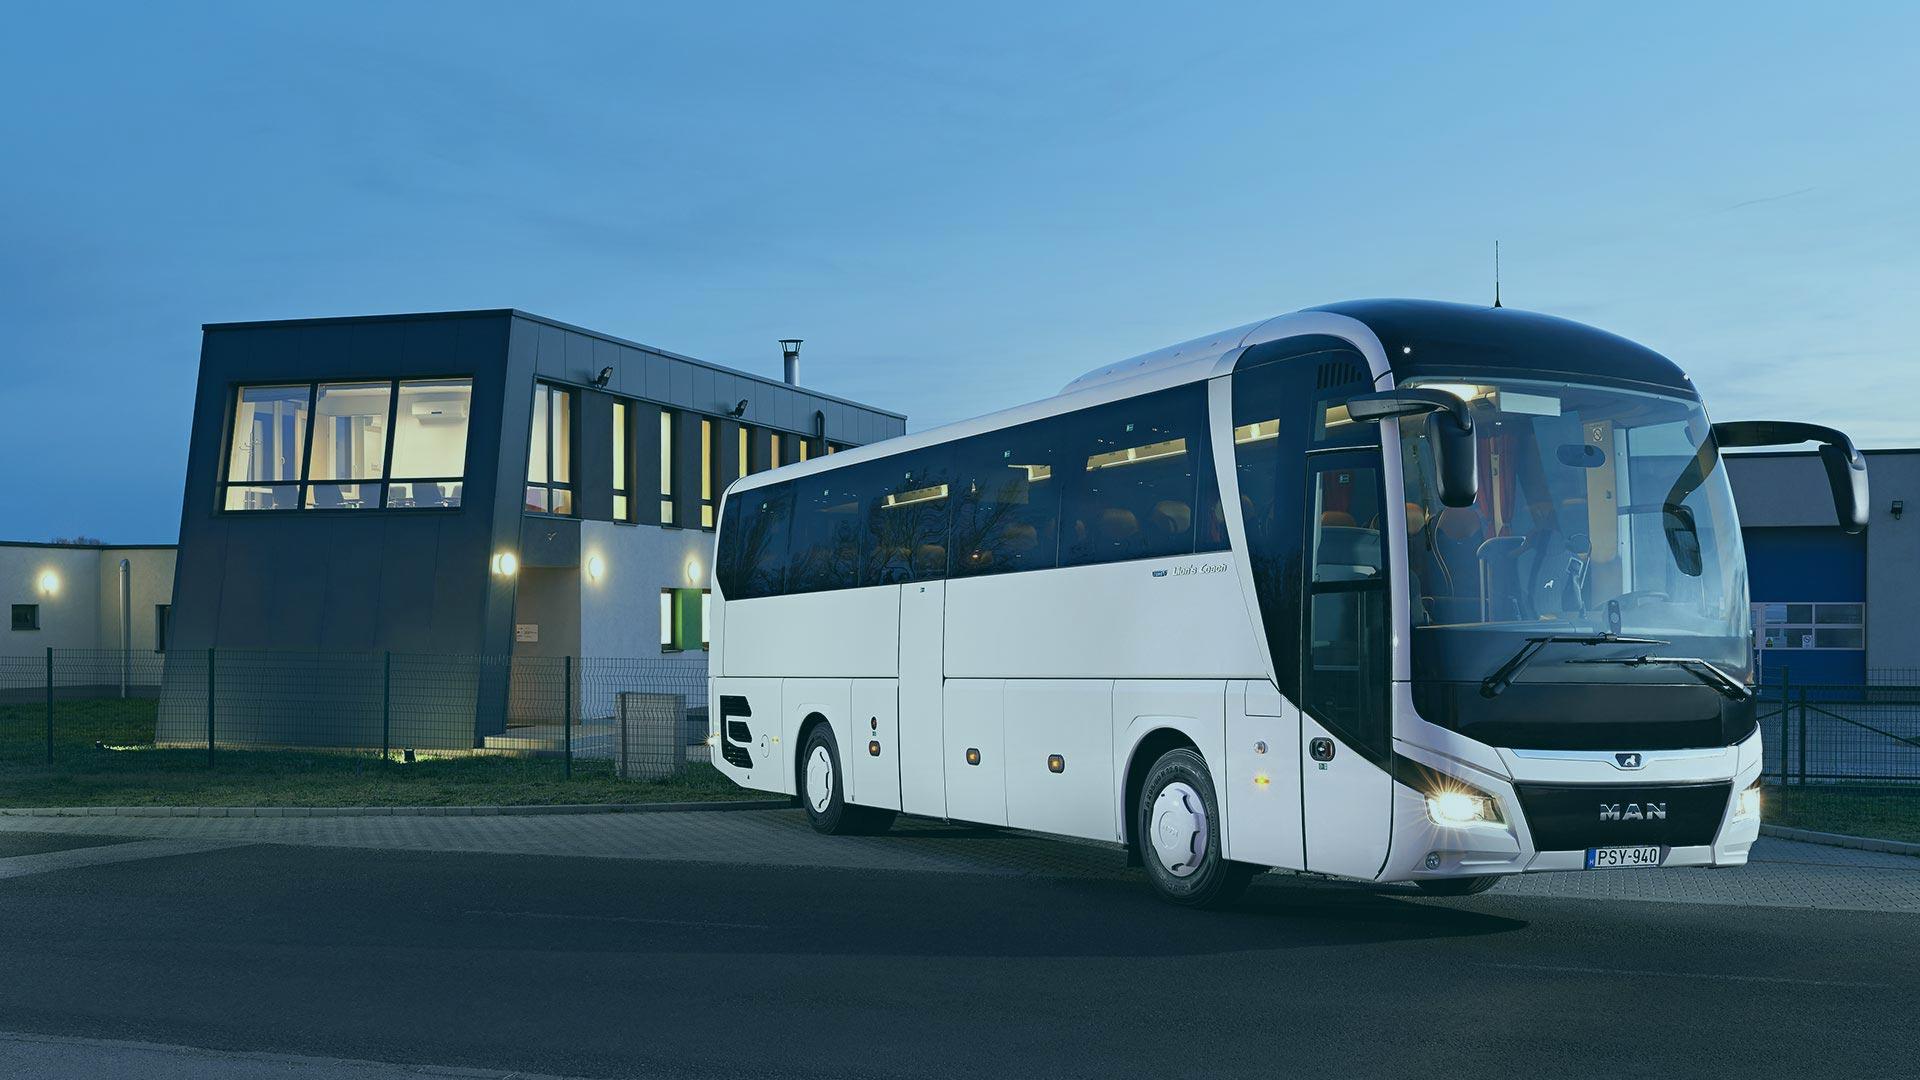 kisbuszbérlés, buszbérlés sofőrrel, minibuszbérlés, autóbusz bérlése